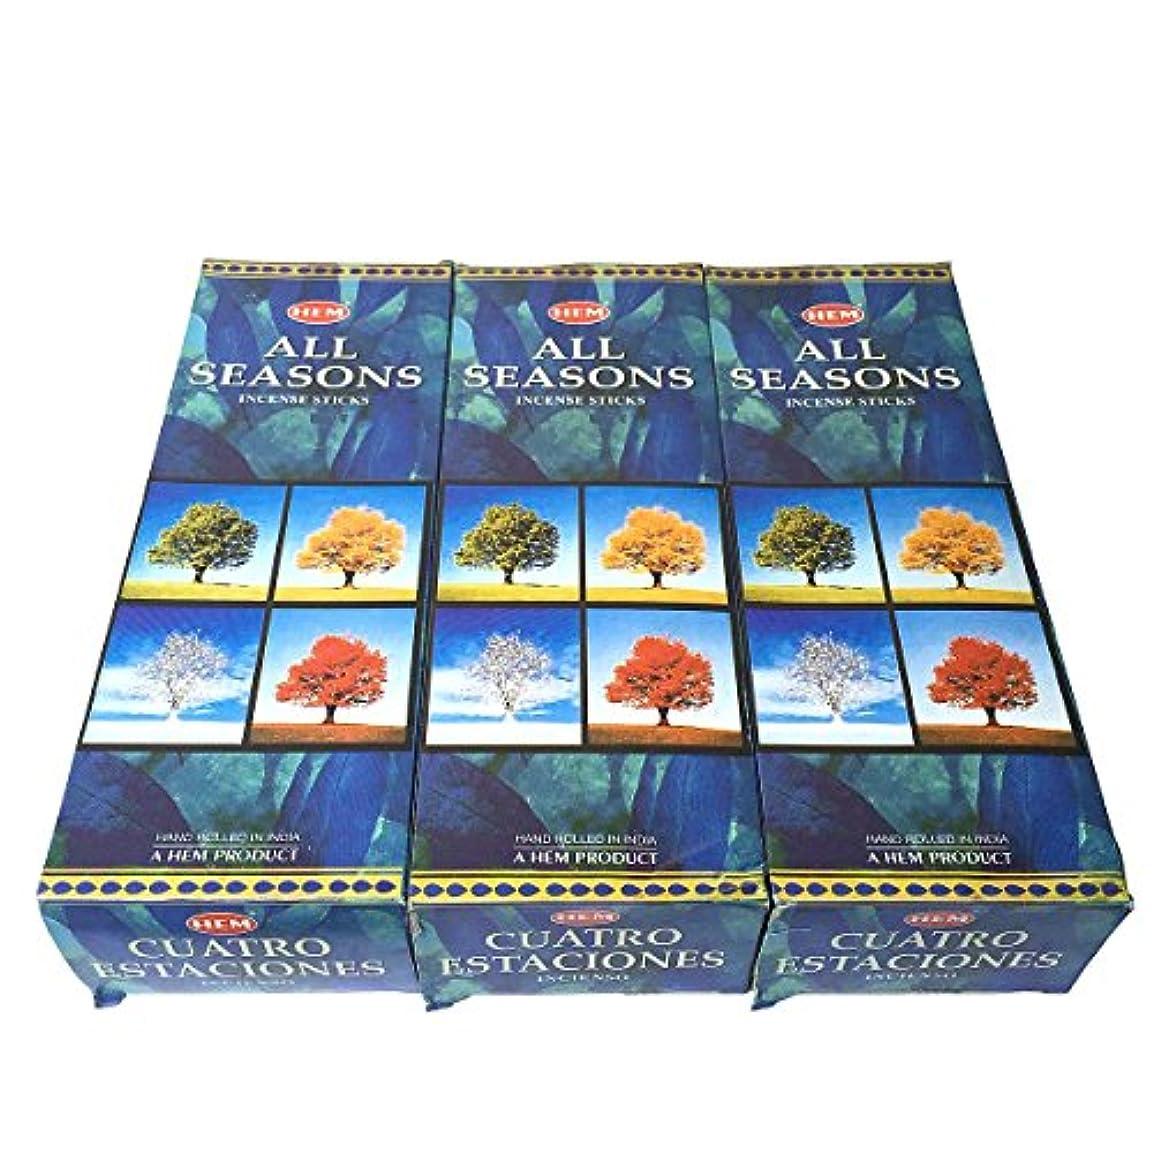 オールシーズン香スティック 3BOX(18箱) /HEM ALL SEASONS/インセンス/インド香 お香 [並行輸入品]